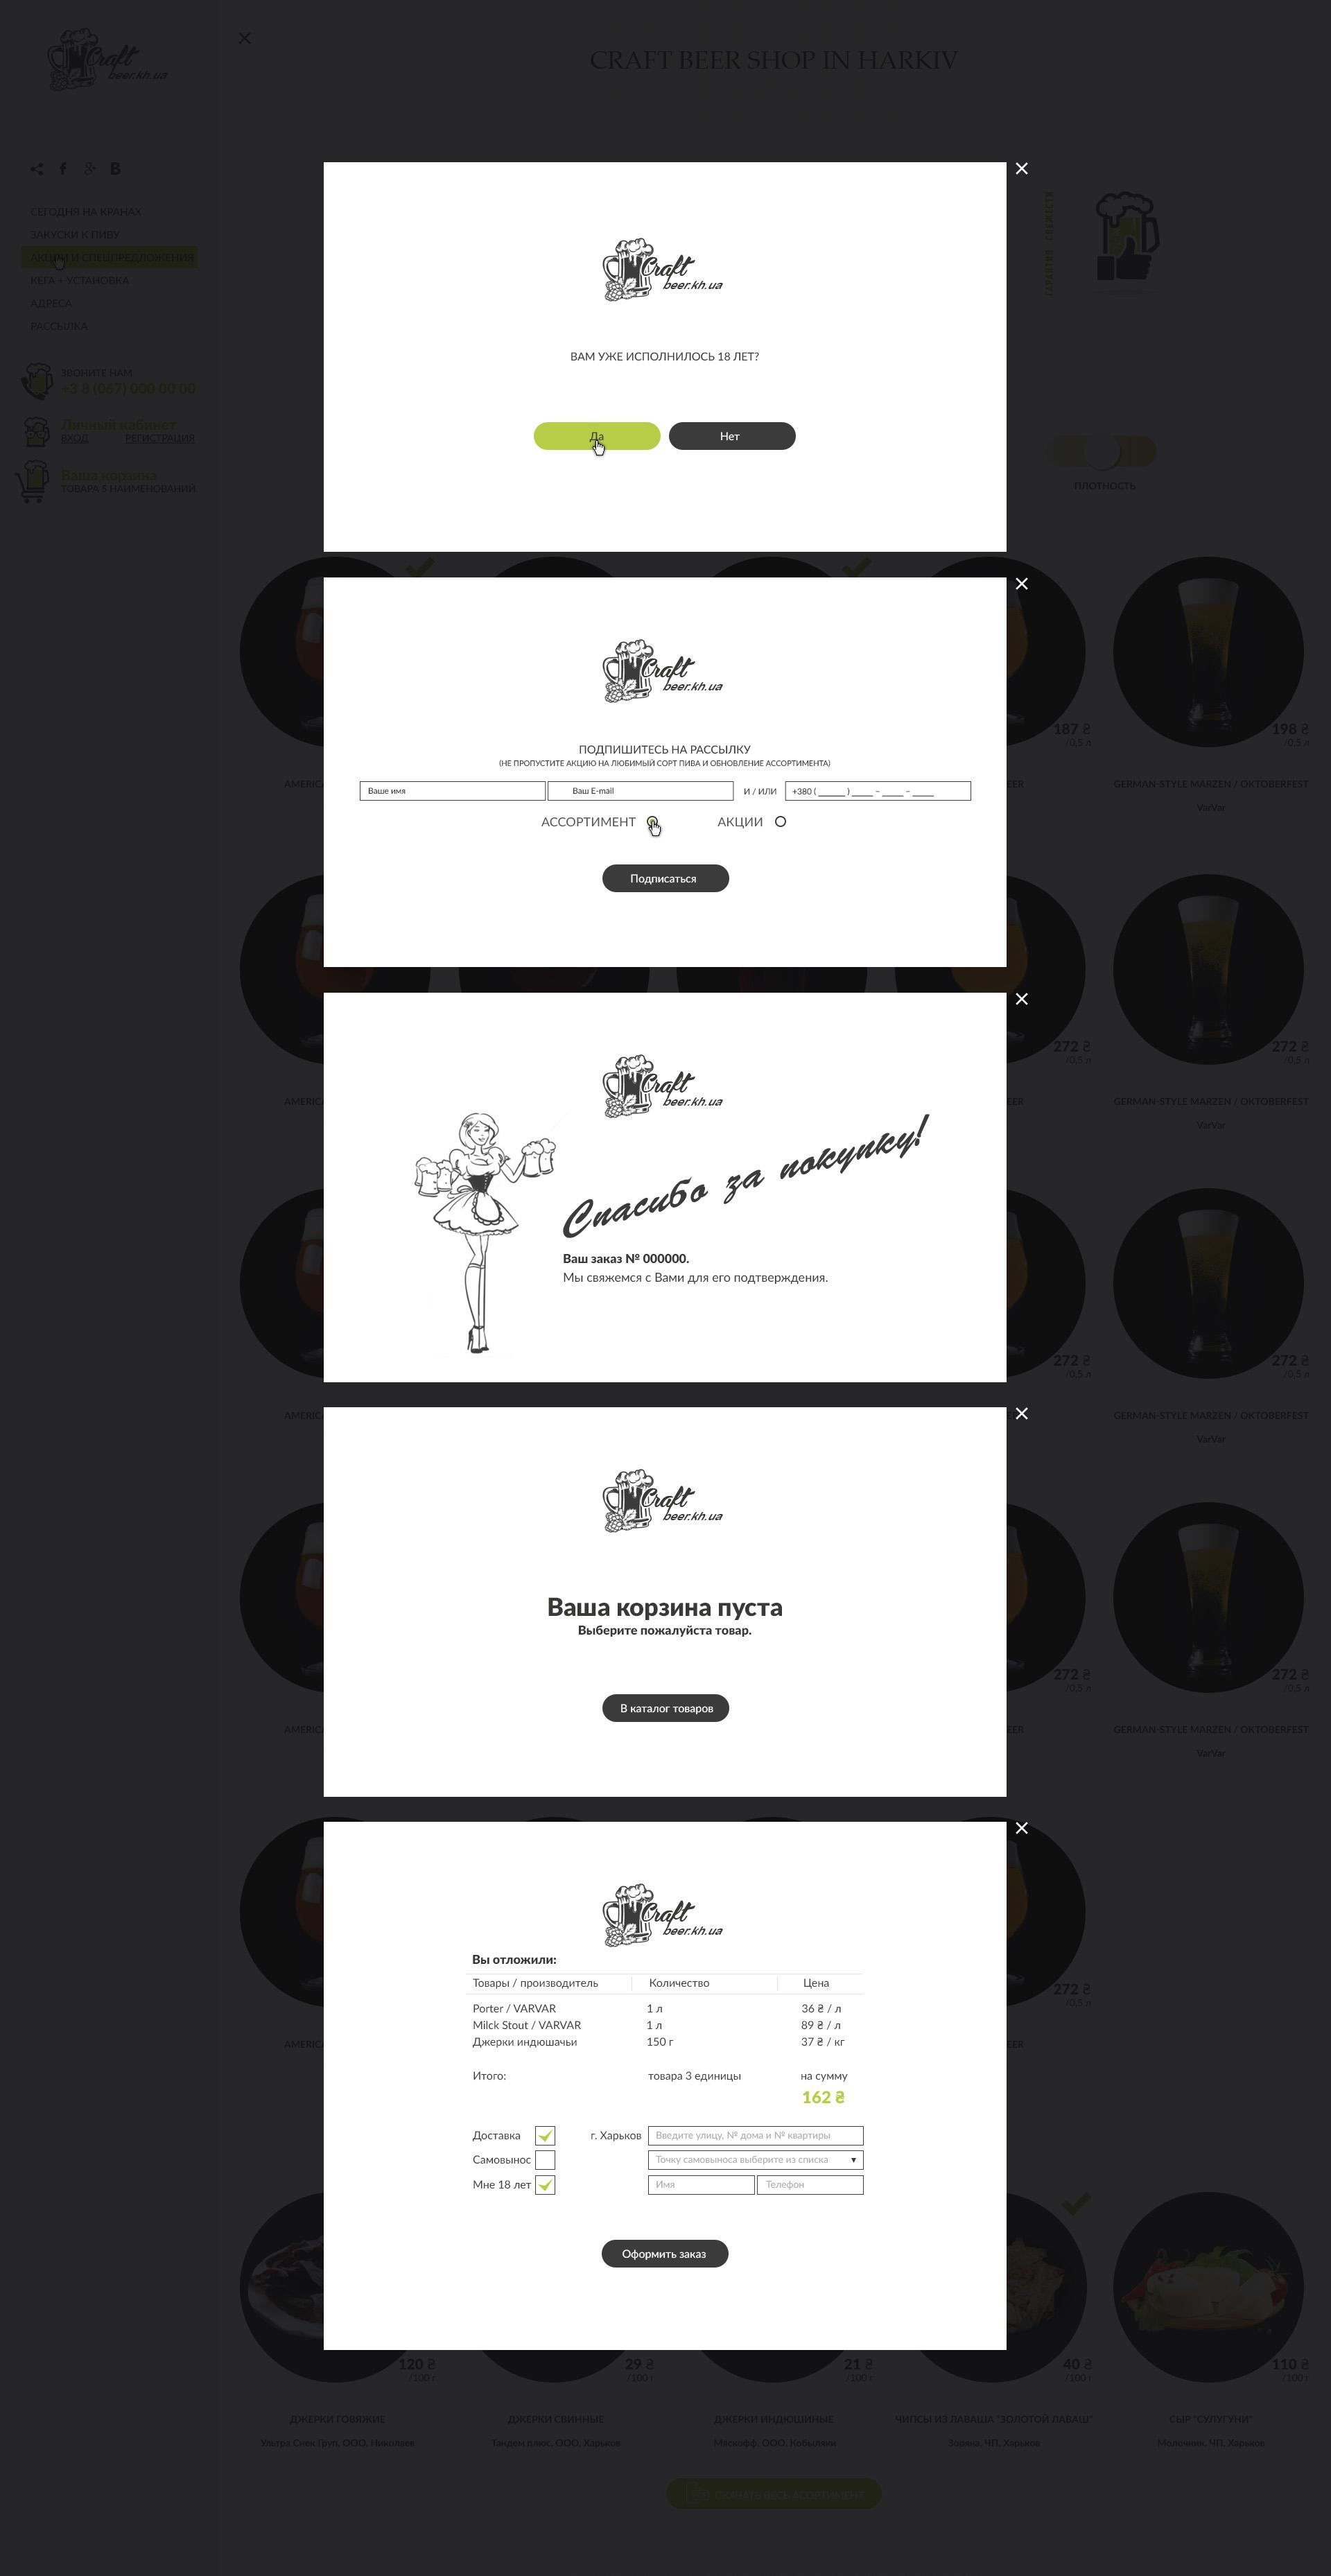 Дизайн лендинга, + страница Бонусов, + модальные окна фото f_3355a62ec3bc4053.jpg